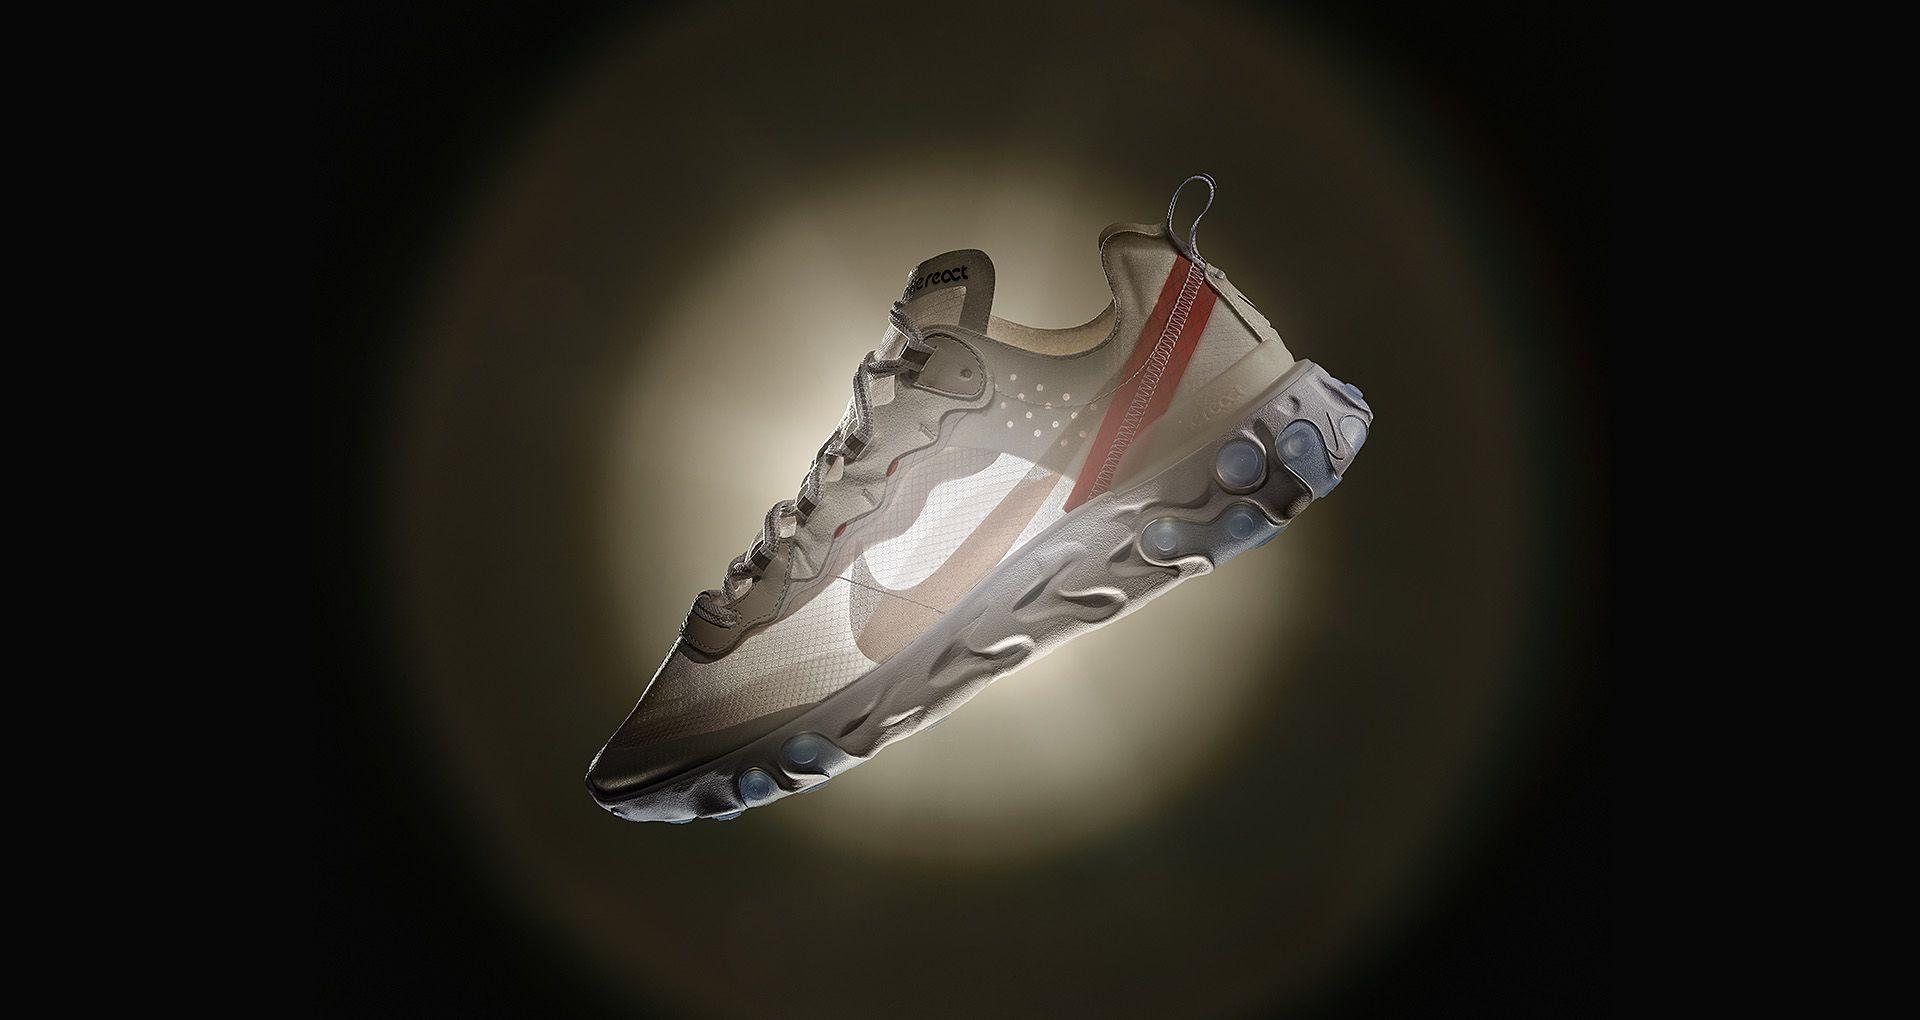 Trasparenti Scarpe Sono O Crocs Nike Con Il Le Tacco Dell'estate qFwxBII